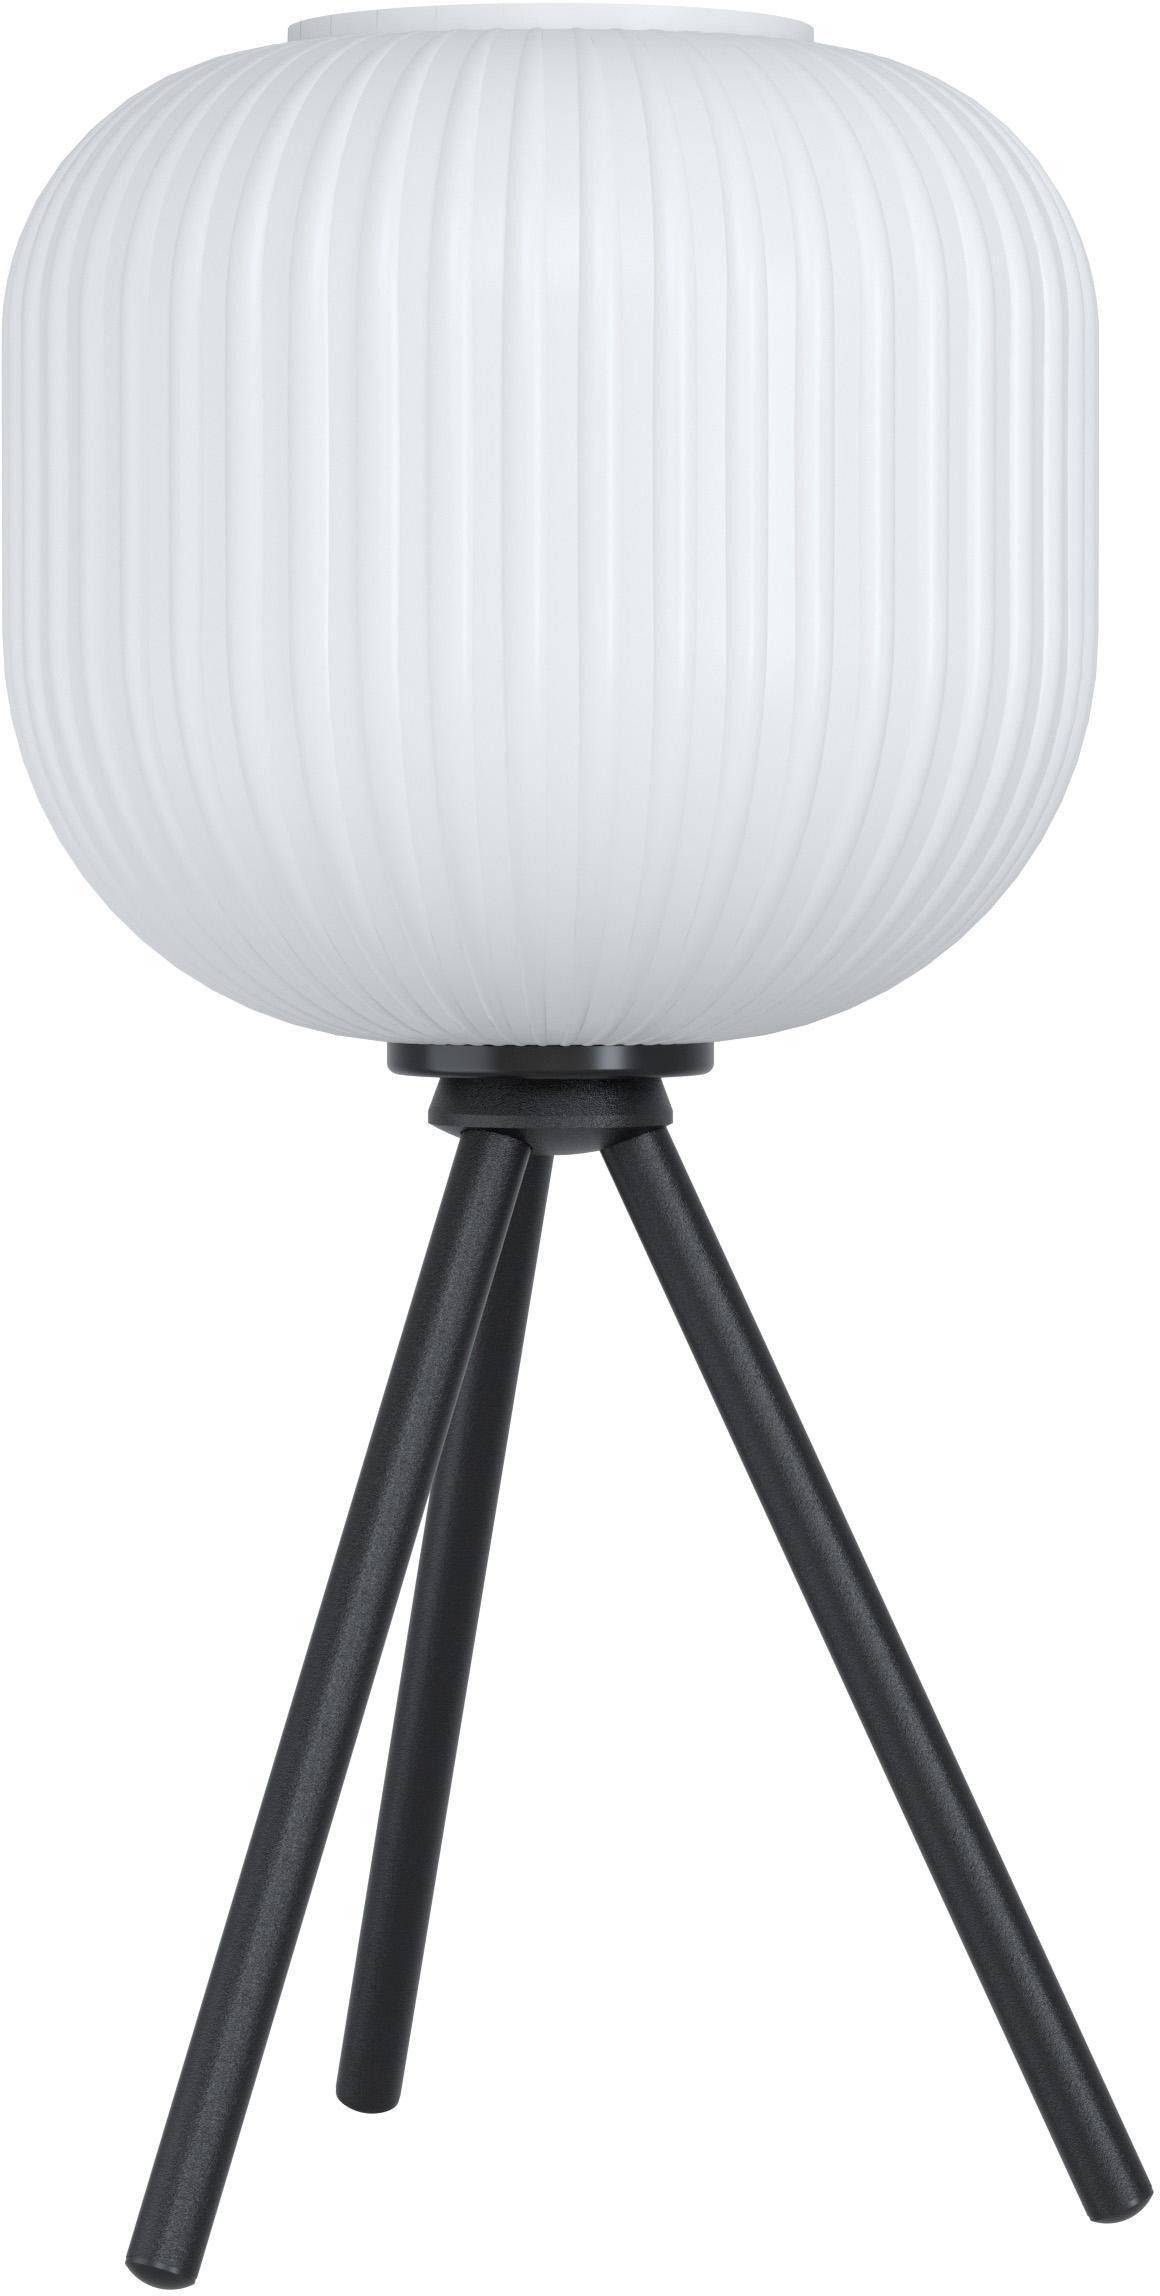 Tafellamp Mantunalle van opaalglas, Lampenkap: opaalglas, Lampvoet: gelakt metaal, Wit, zwart, Ø 20 cm